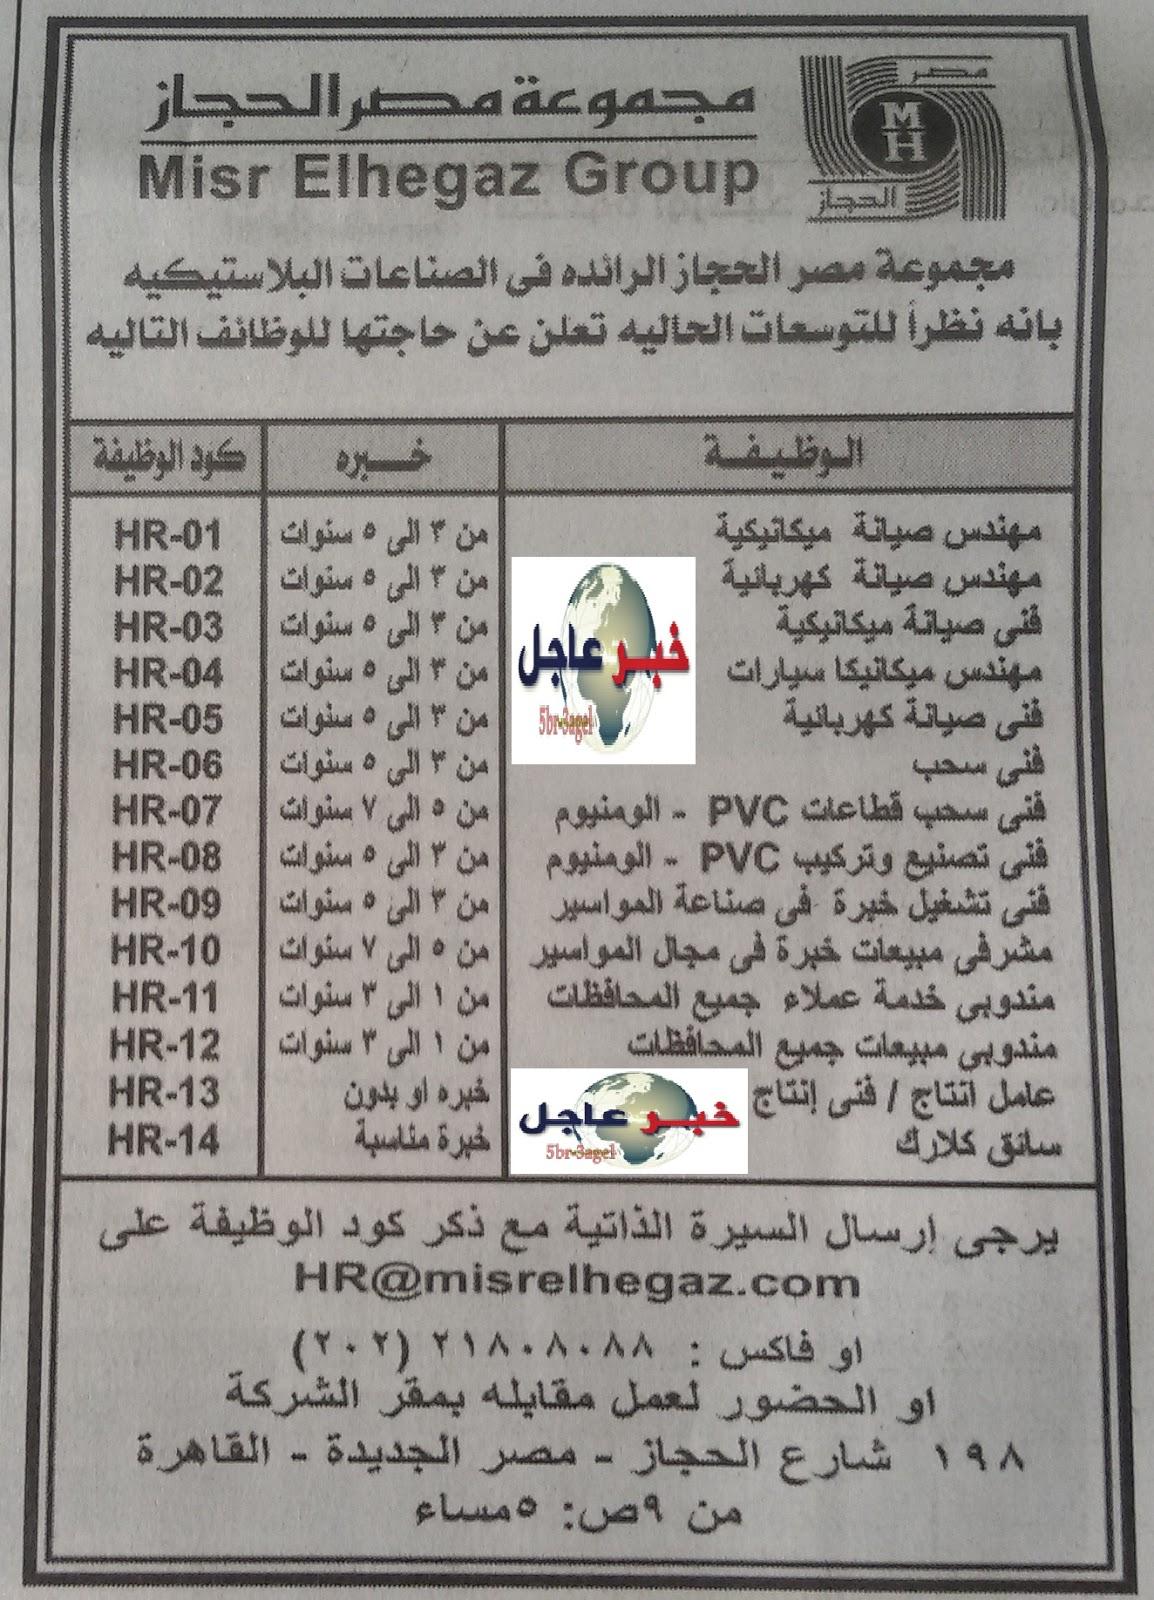 وظائف مجموعة مصر الحجاز بالمحافظات منشور اليوم بجريدة الاهرام